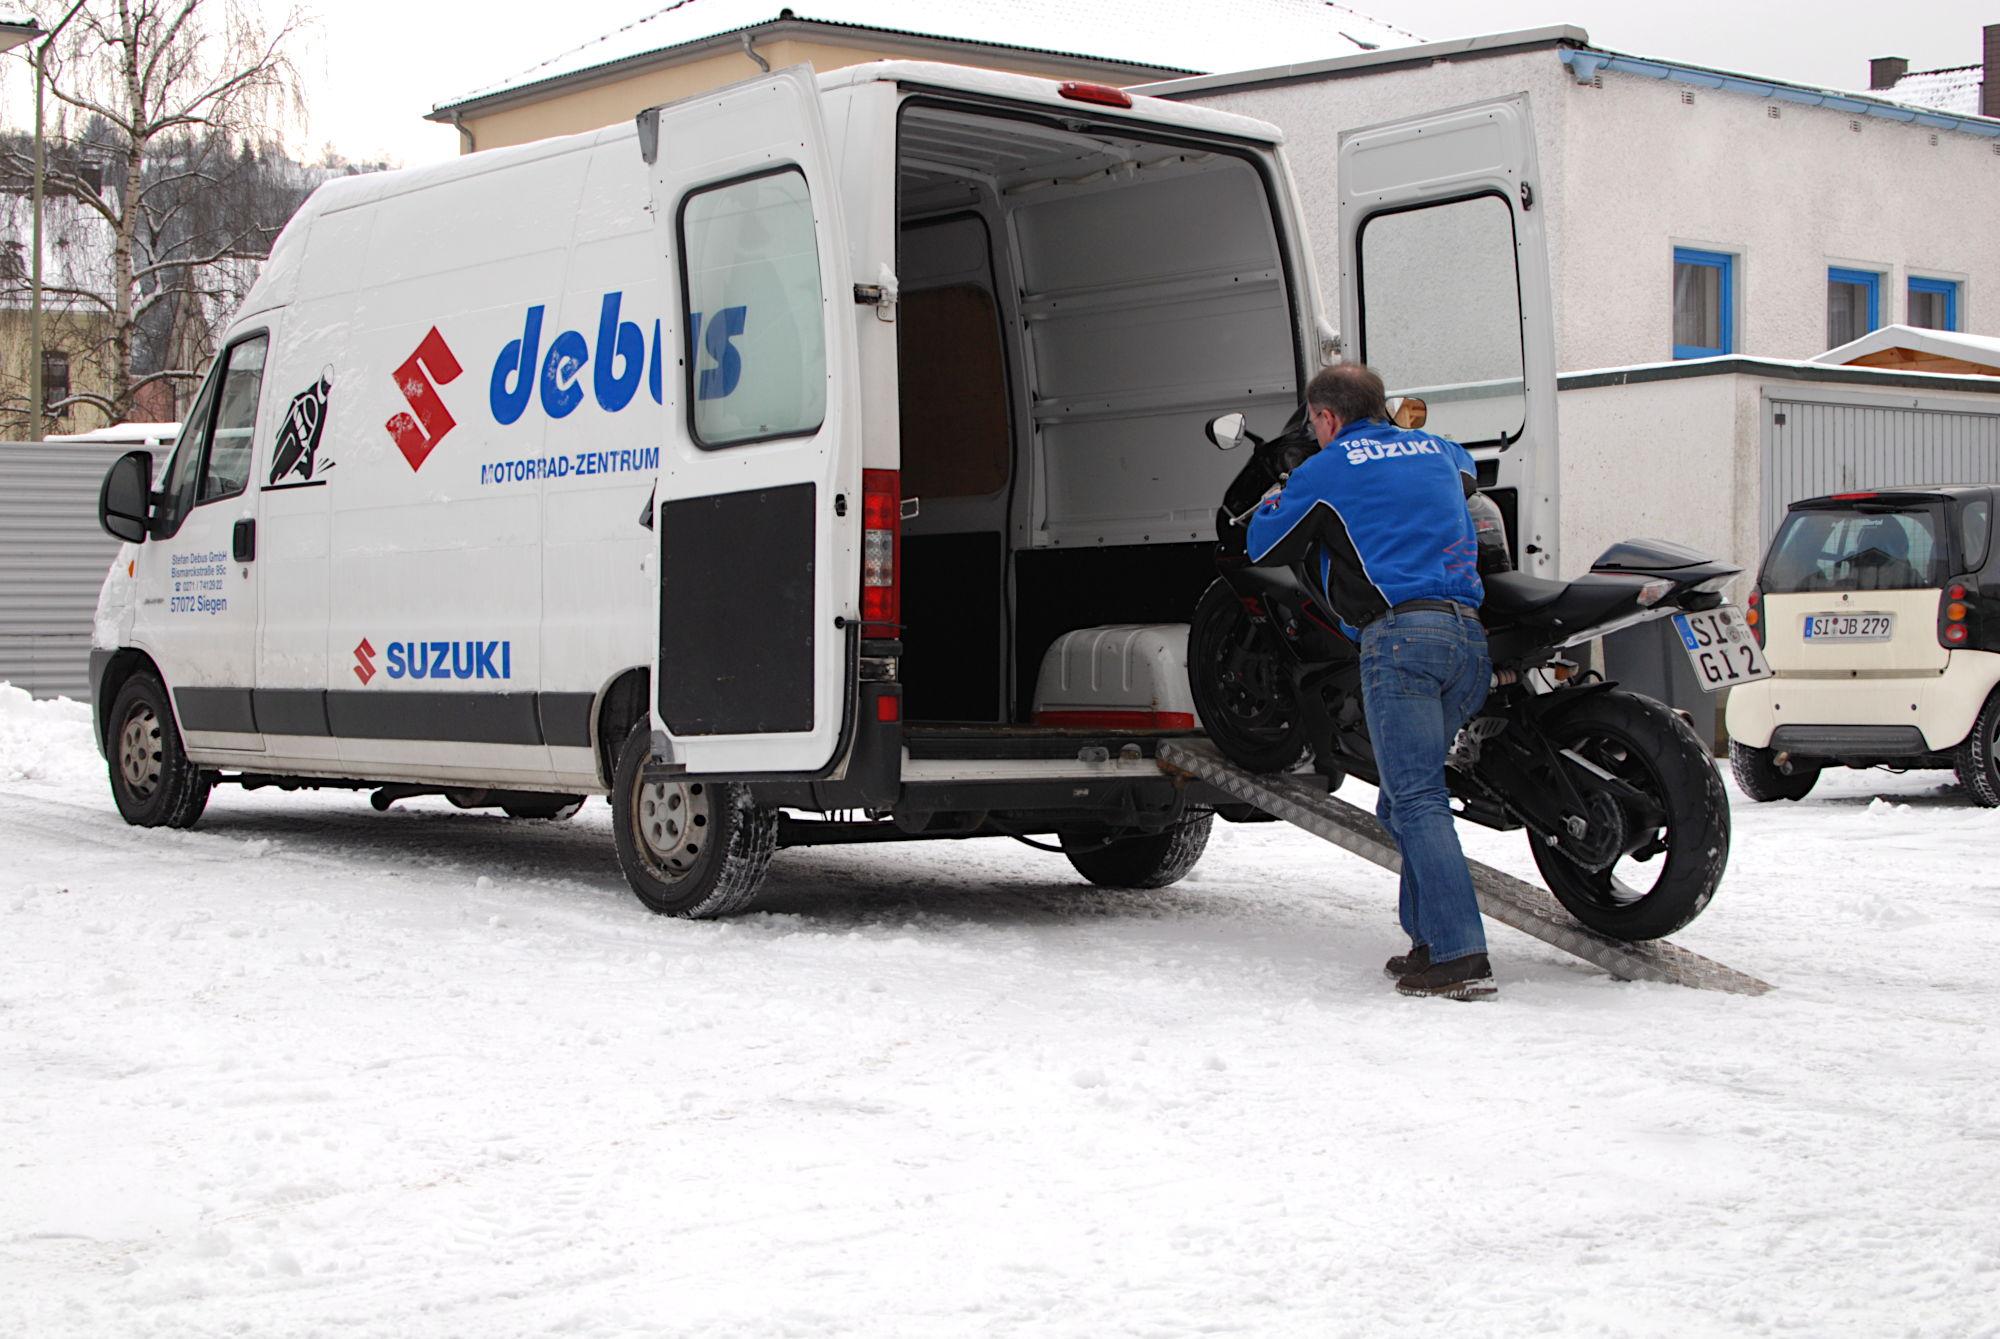 Motorrad Abschleppservice in Siegen. Das Motorrad wird per Rampe in einen Transporter geschoben.